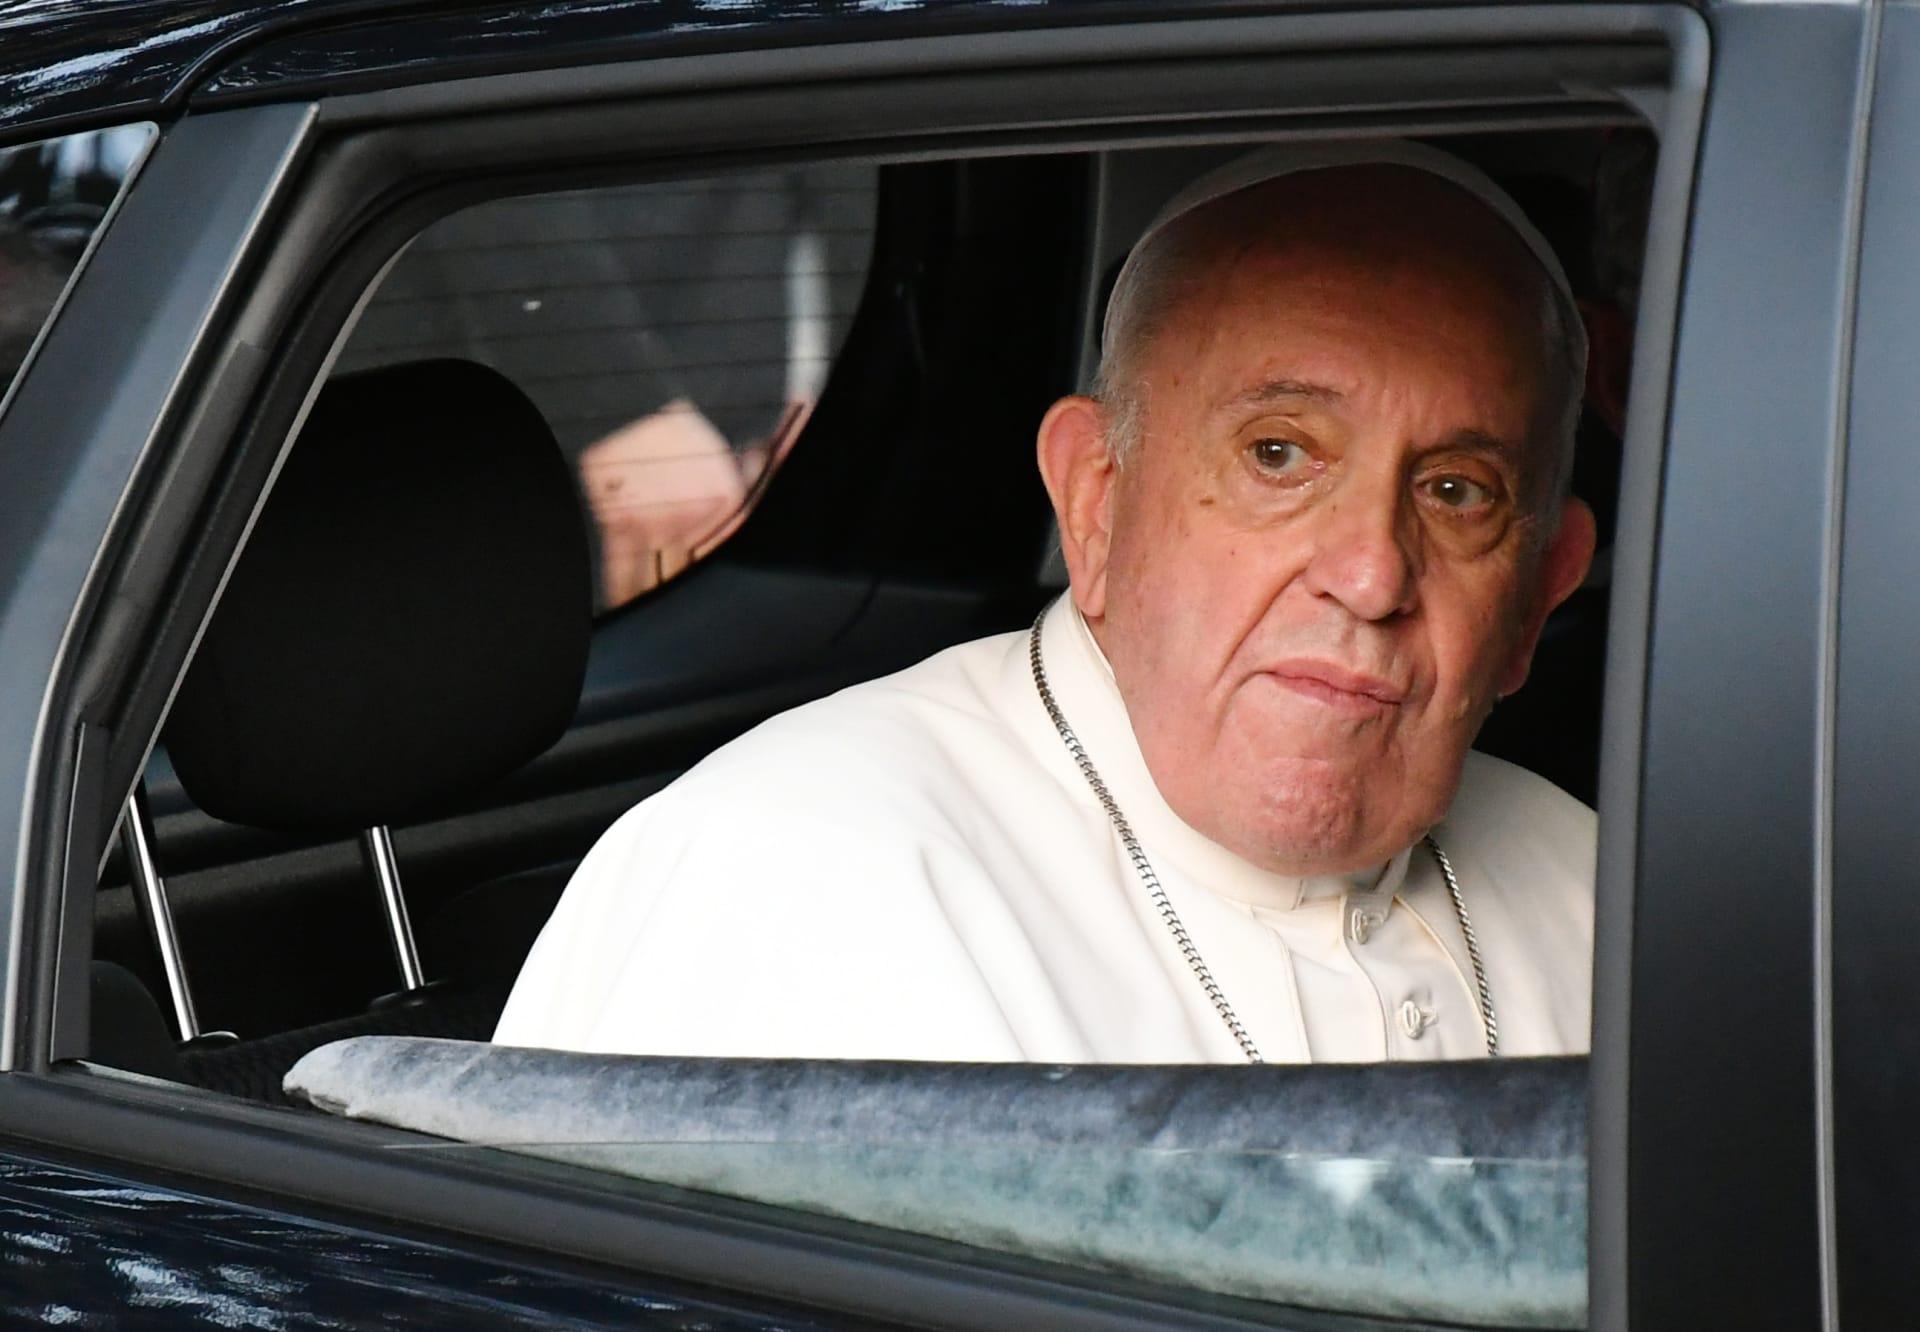 ماذا أراد الشاب الذي حاول الوصول لموكب ملك المغرب والبابا فرنسيس؟